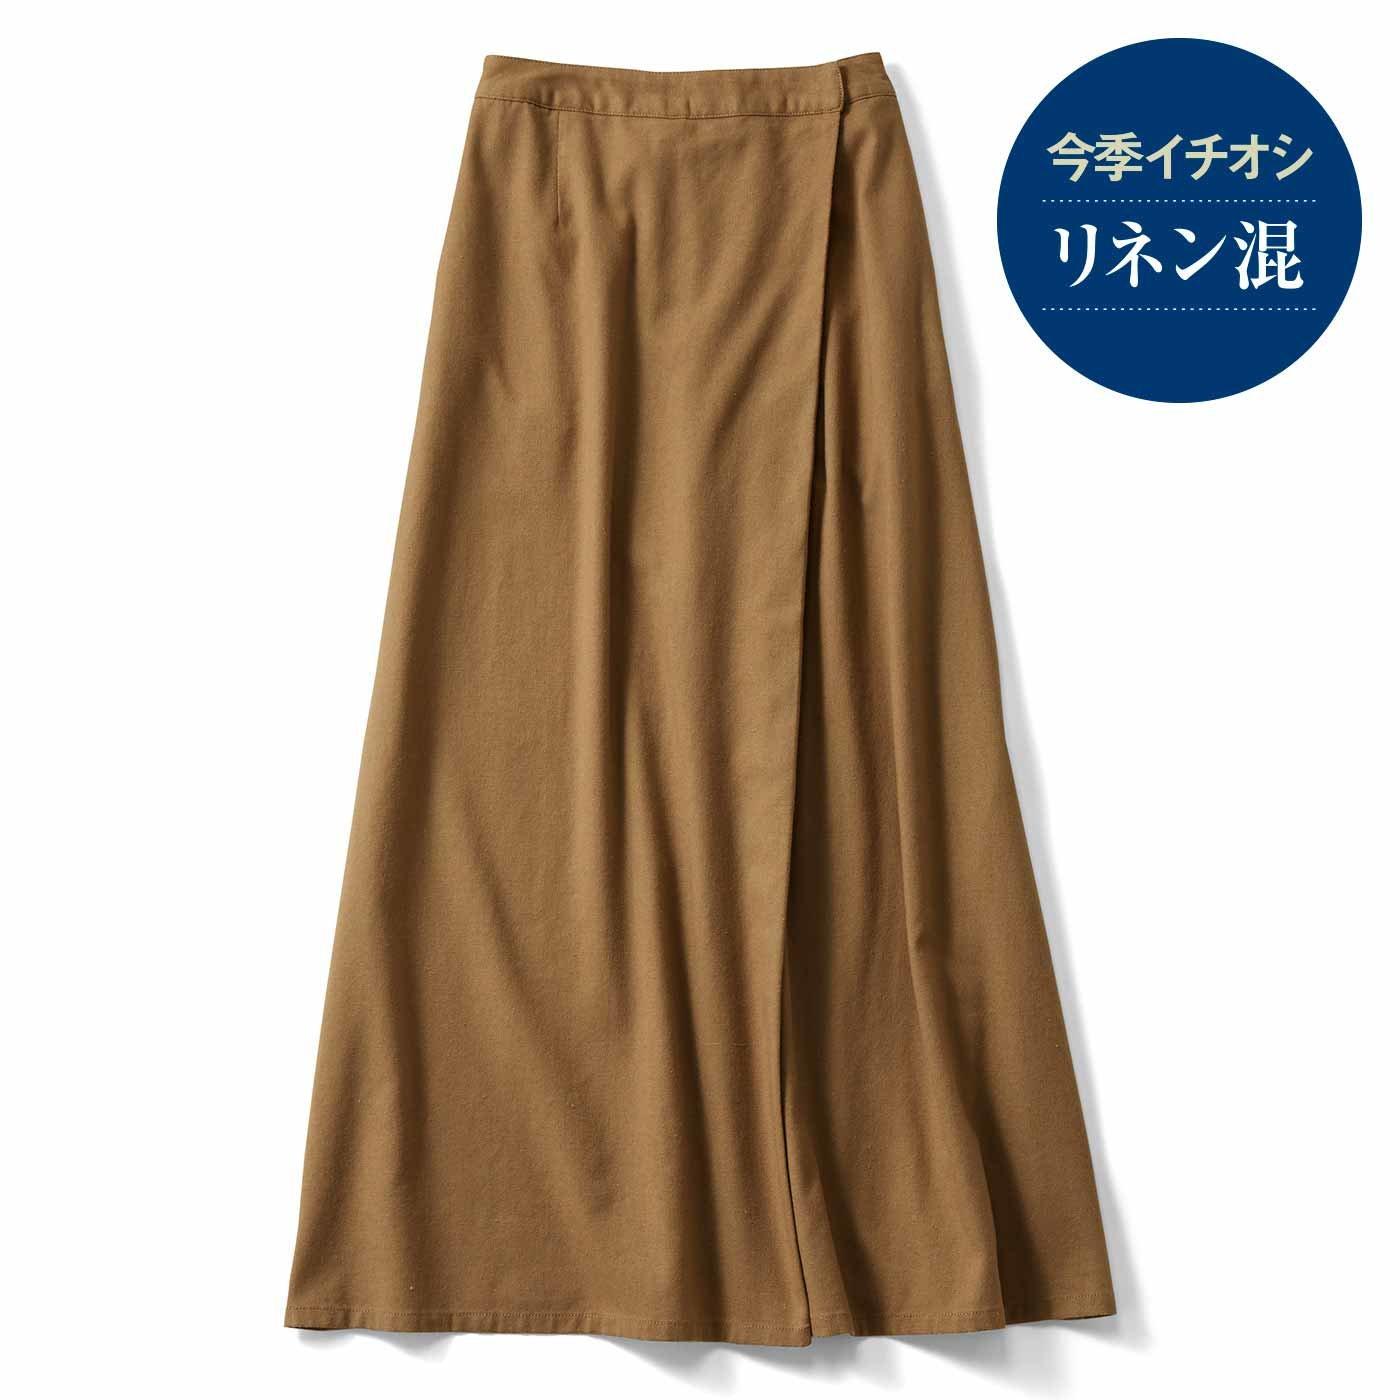 【3~10日でお届け】IEDIT[イディット] リネン混素材で上質にこなれる すっきりシルエットのラップ風Aラインロングスカート〈キャメル〉